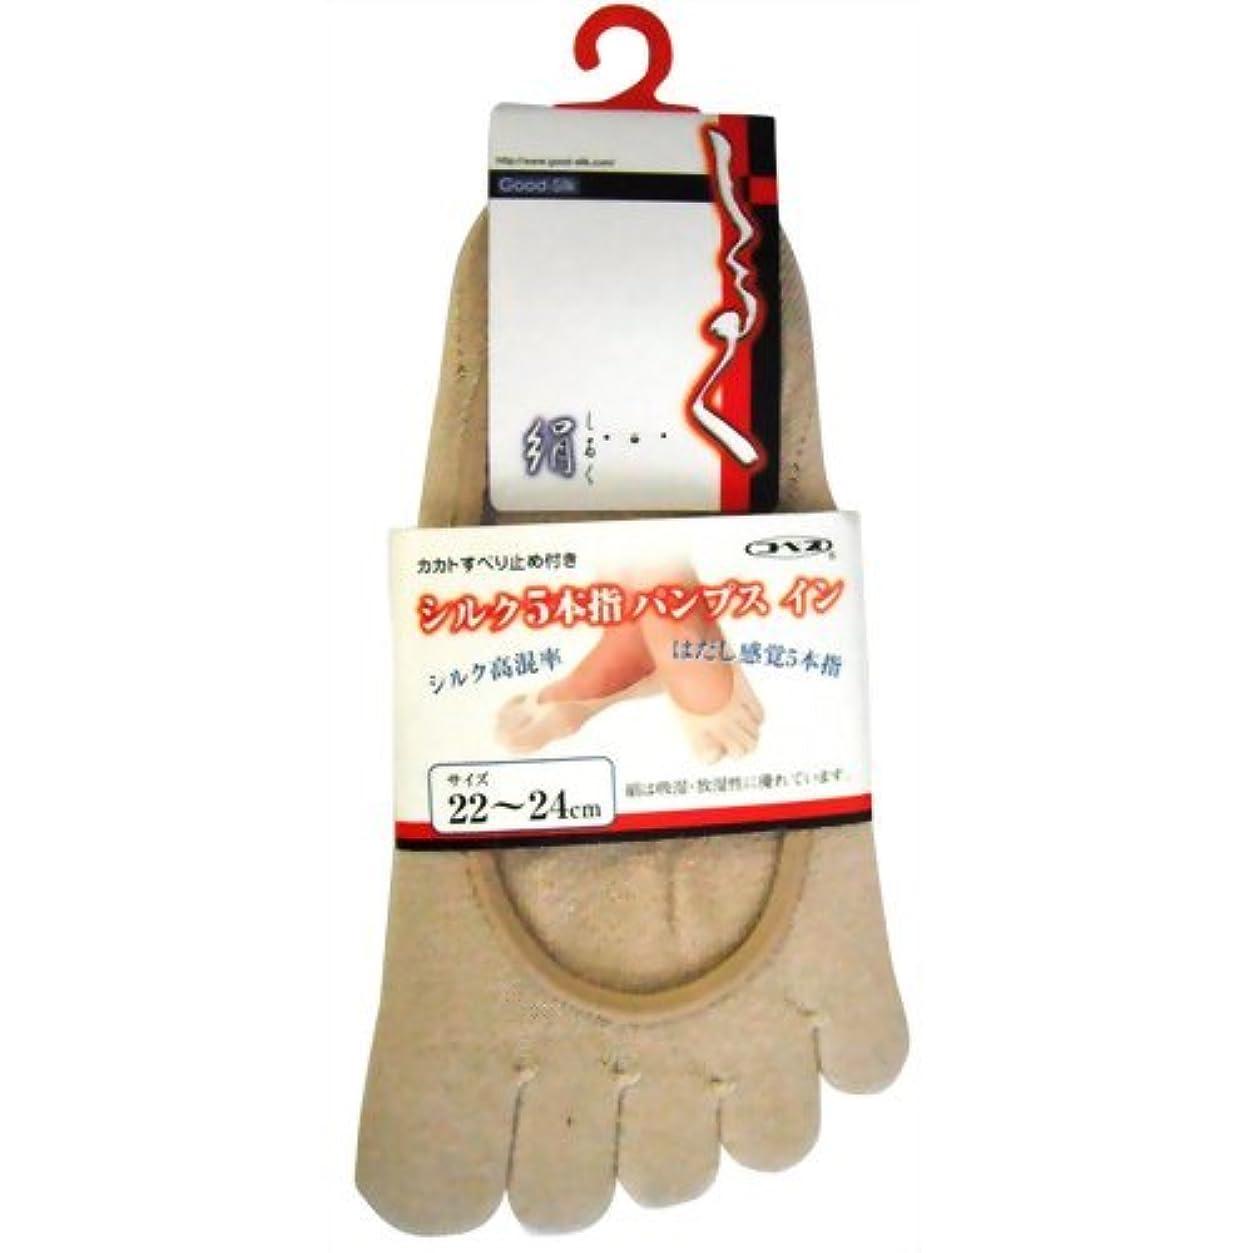 過敏な否認する問い合わせるシルク婦人 5本指パンプスイン ベージュ 22-24cm